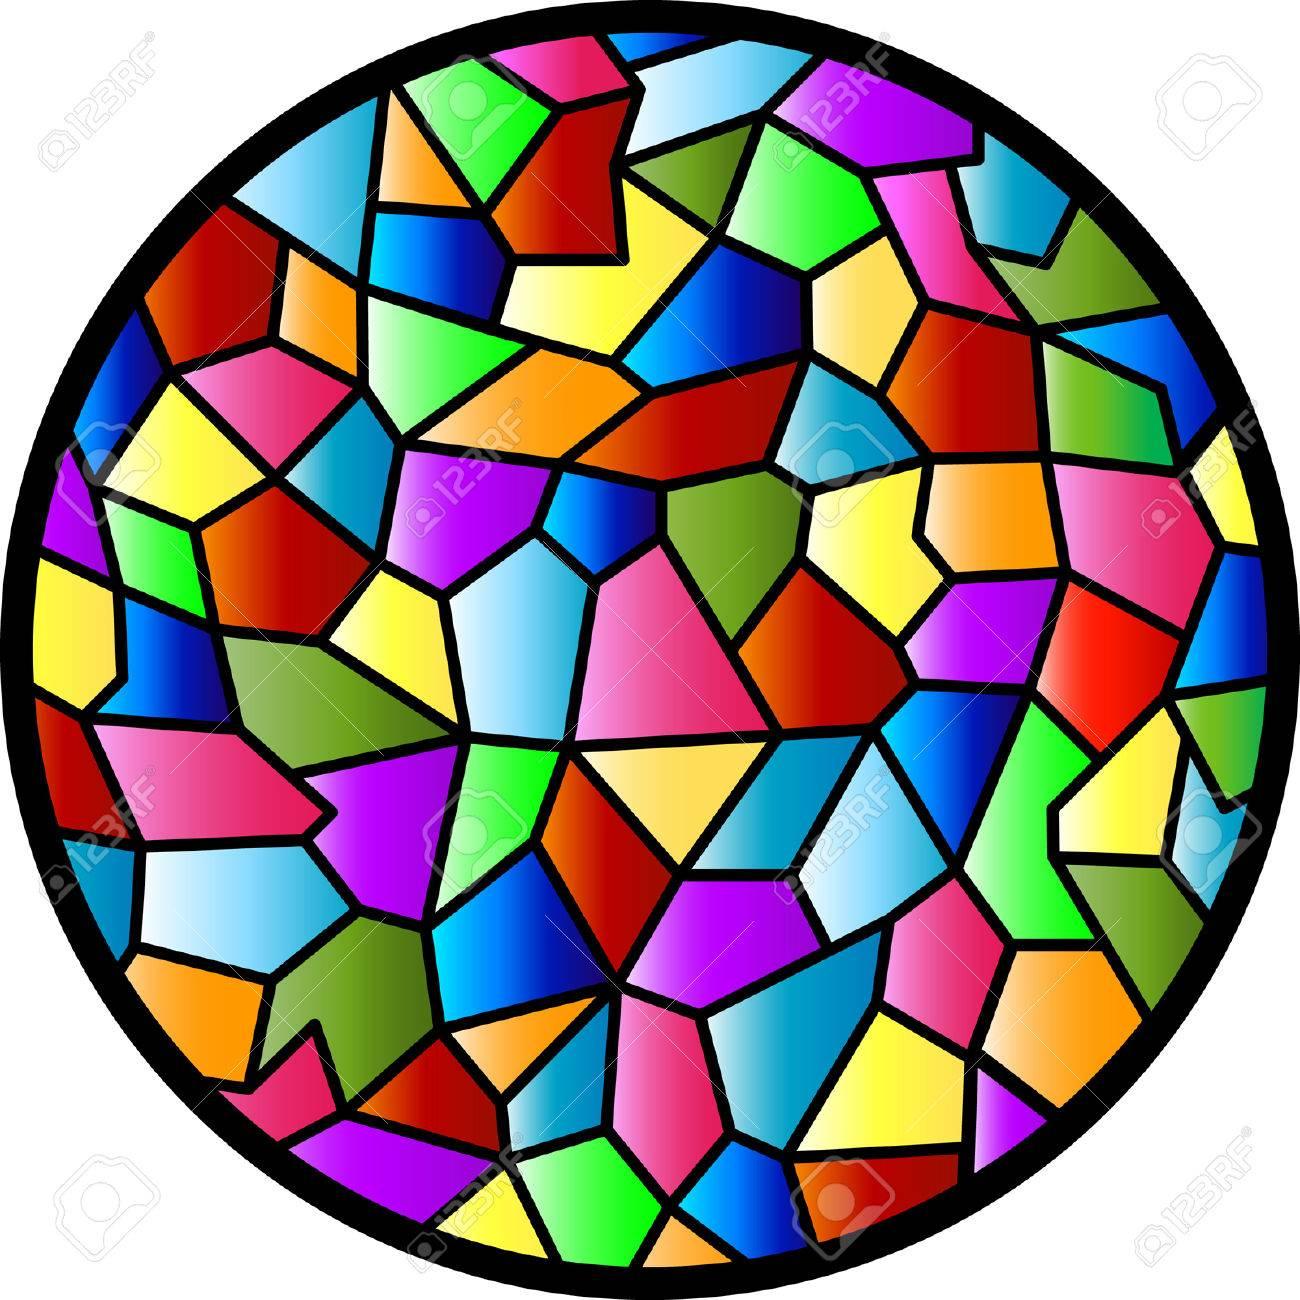 Dieses Design Wurde Inspiriert Von Der Textur Ein Glas-Panel In ...